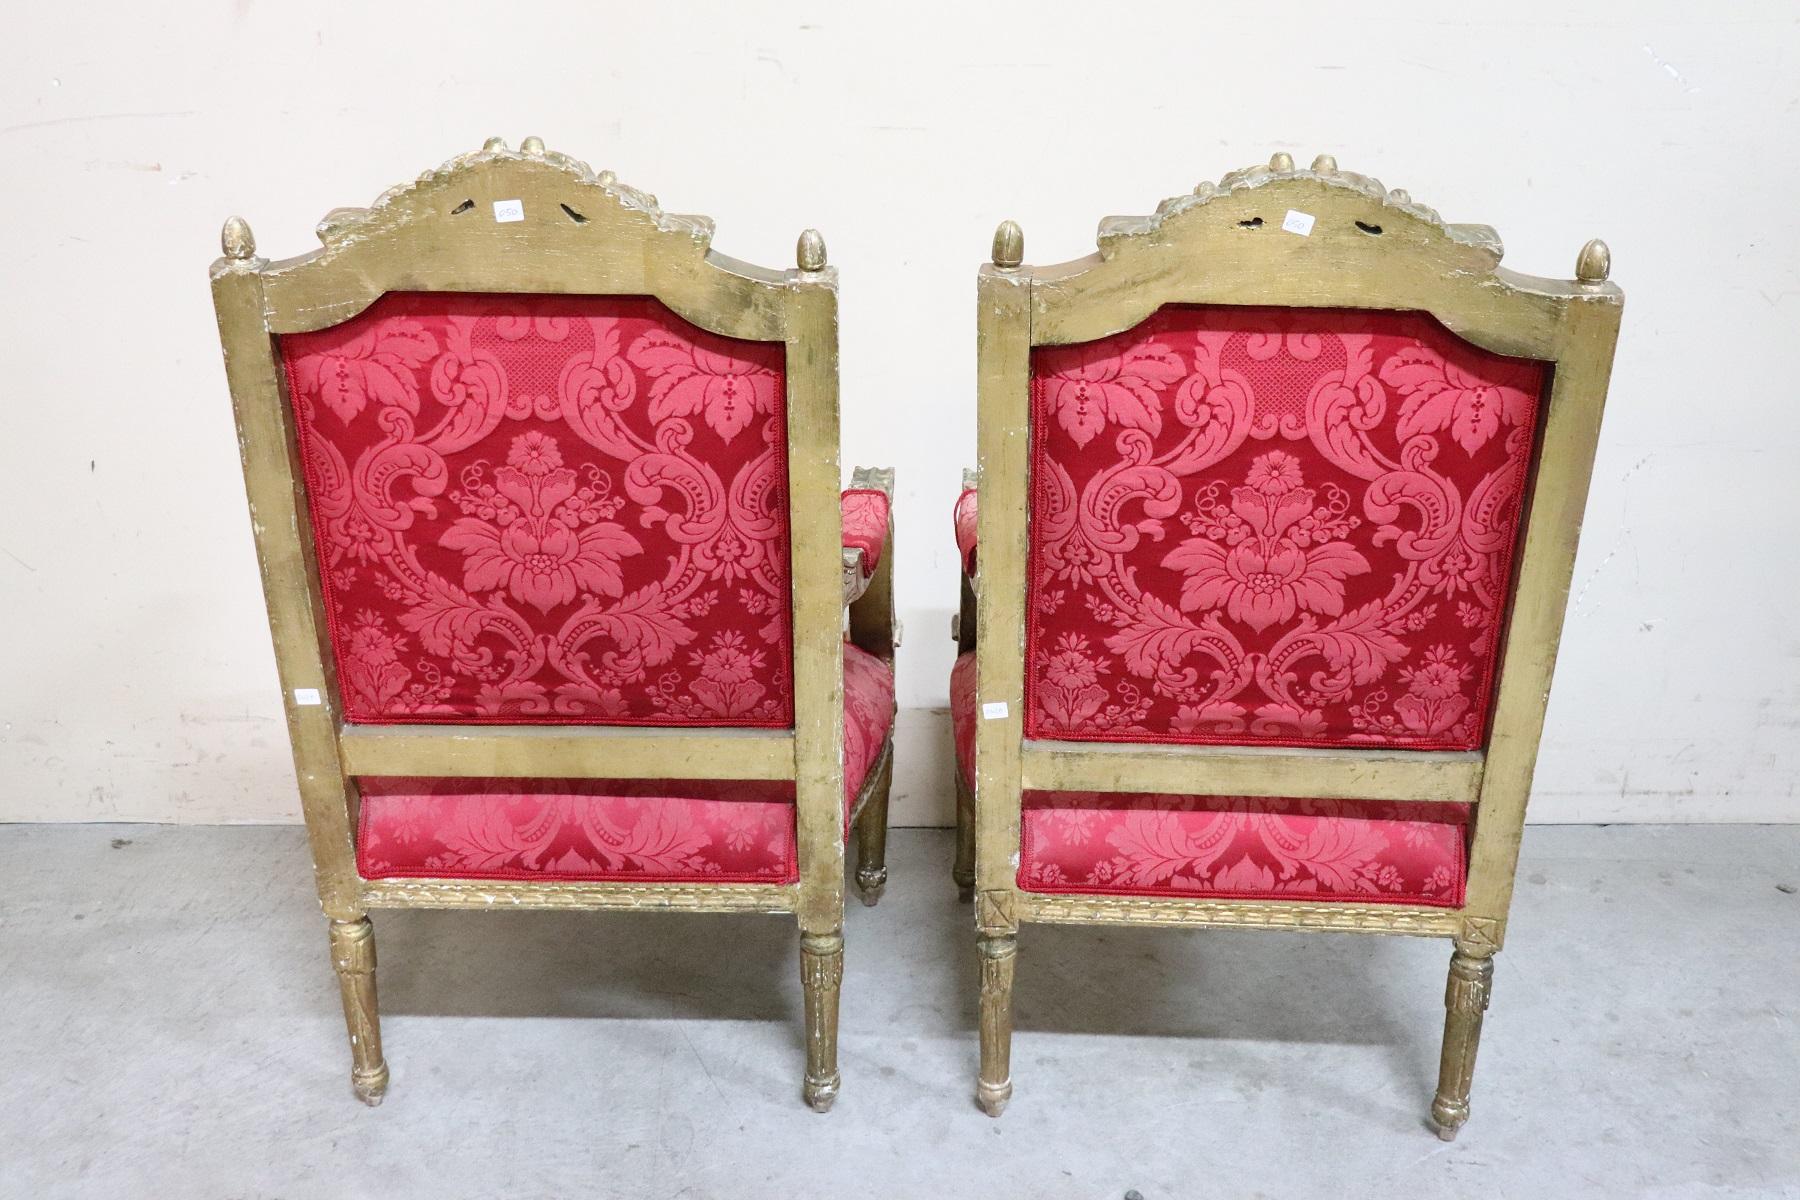 thumb9|Coppia di poltrone in stile antico Luigi XVI legno intagliato e dorato PREZZO TRATTABILE